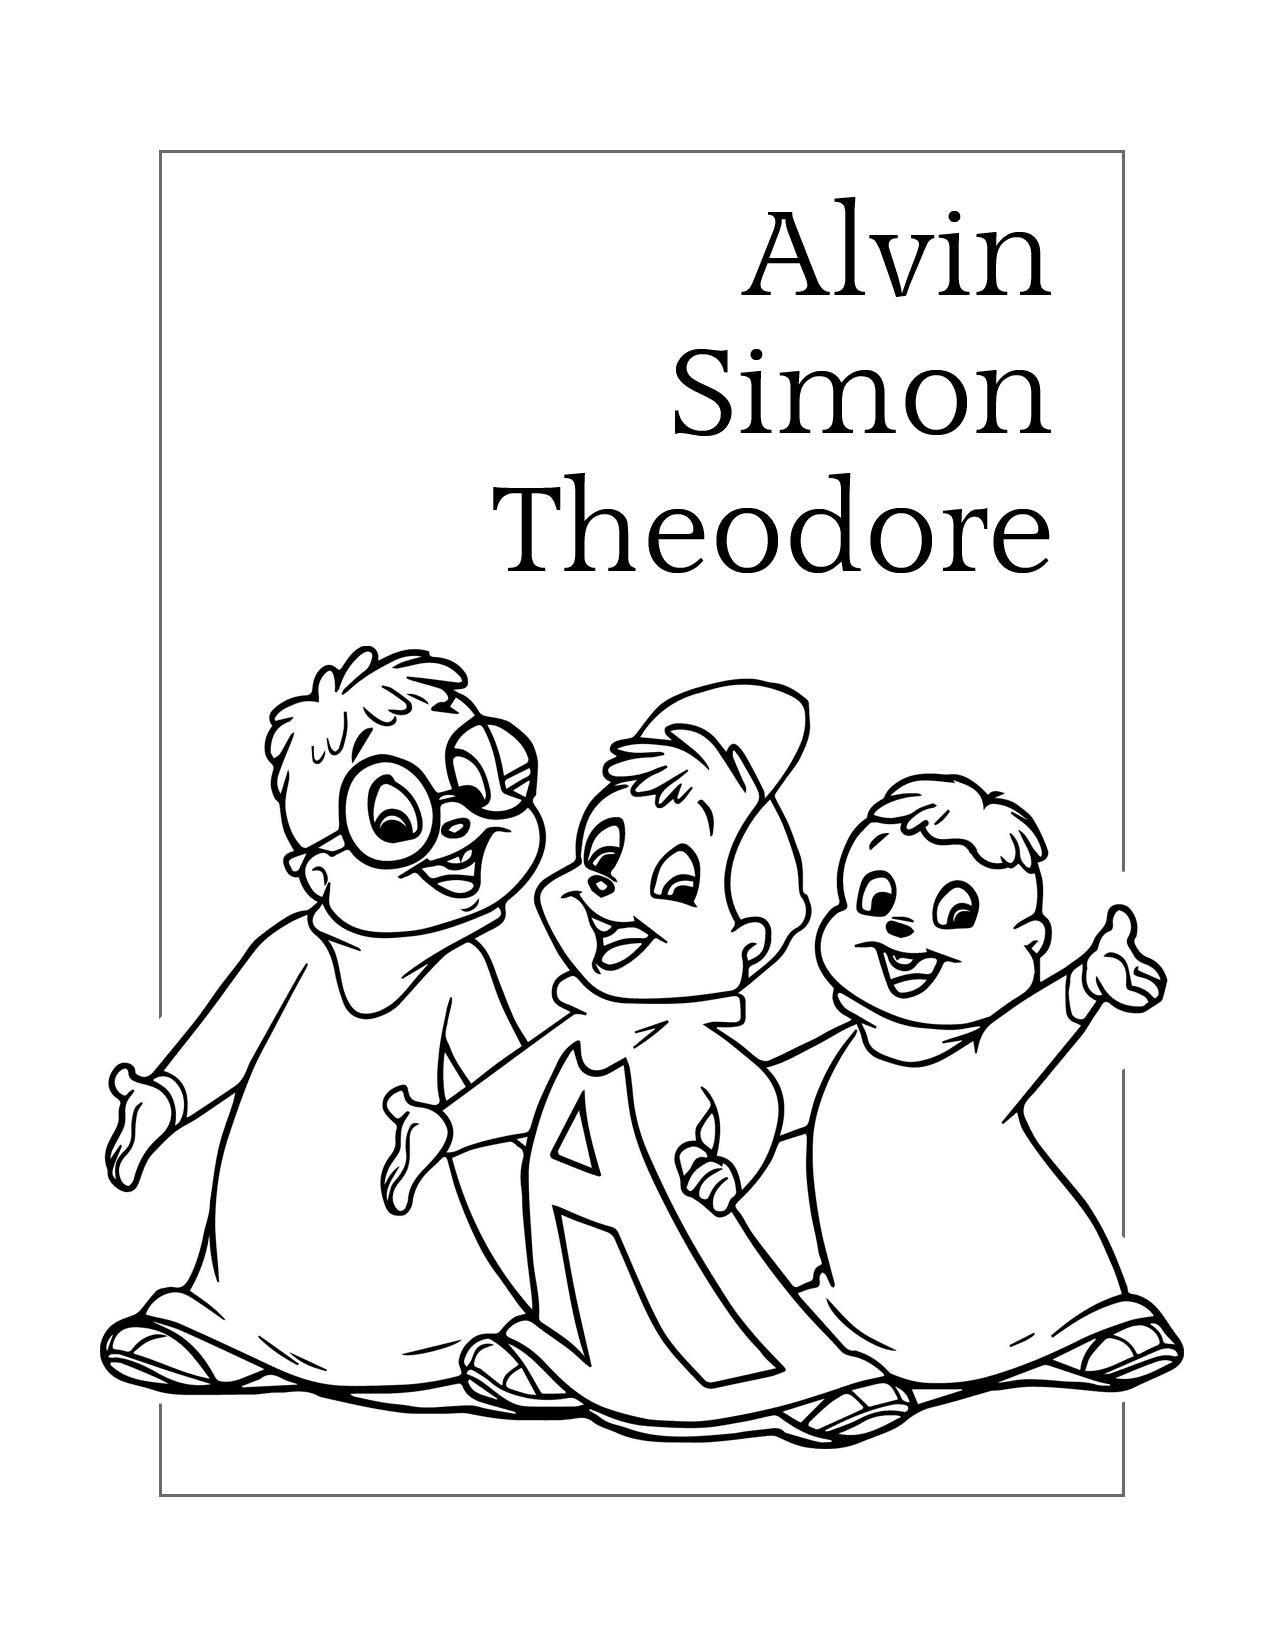 Alvin Simon Theodore Chipmunk Coloring Page